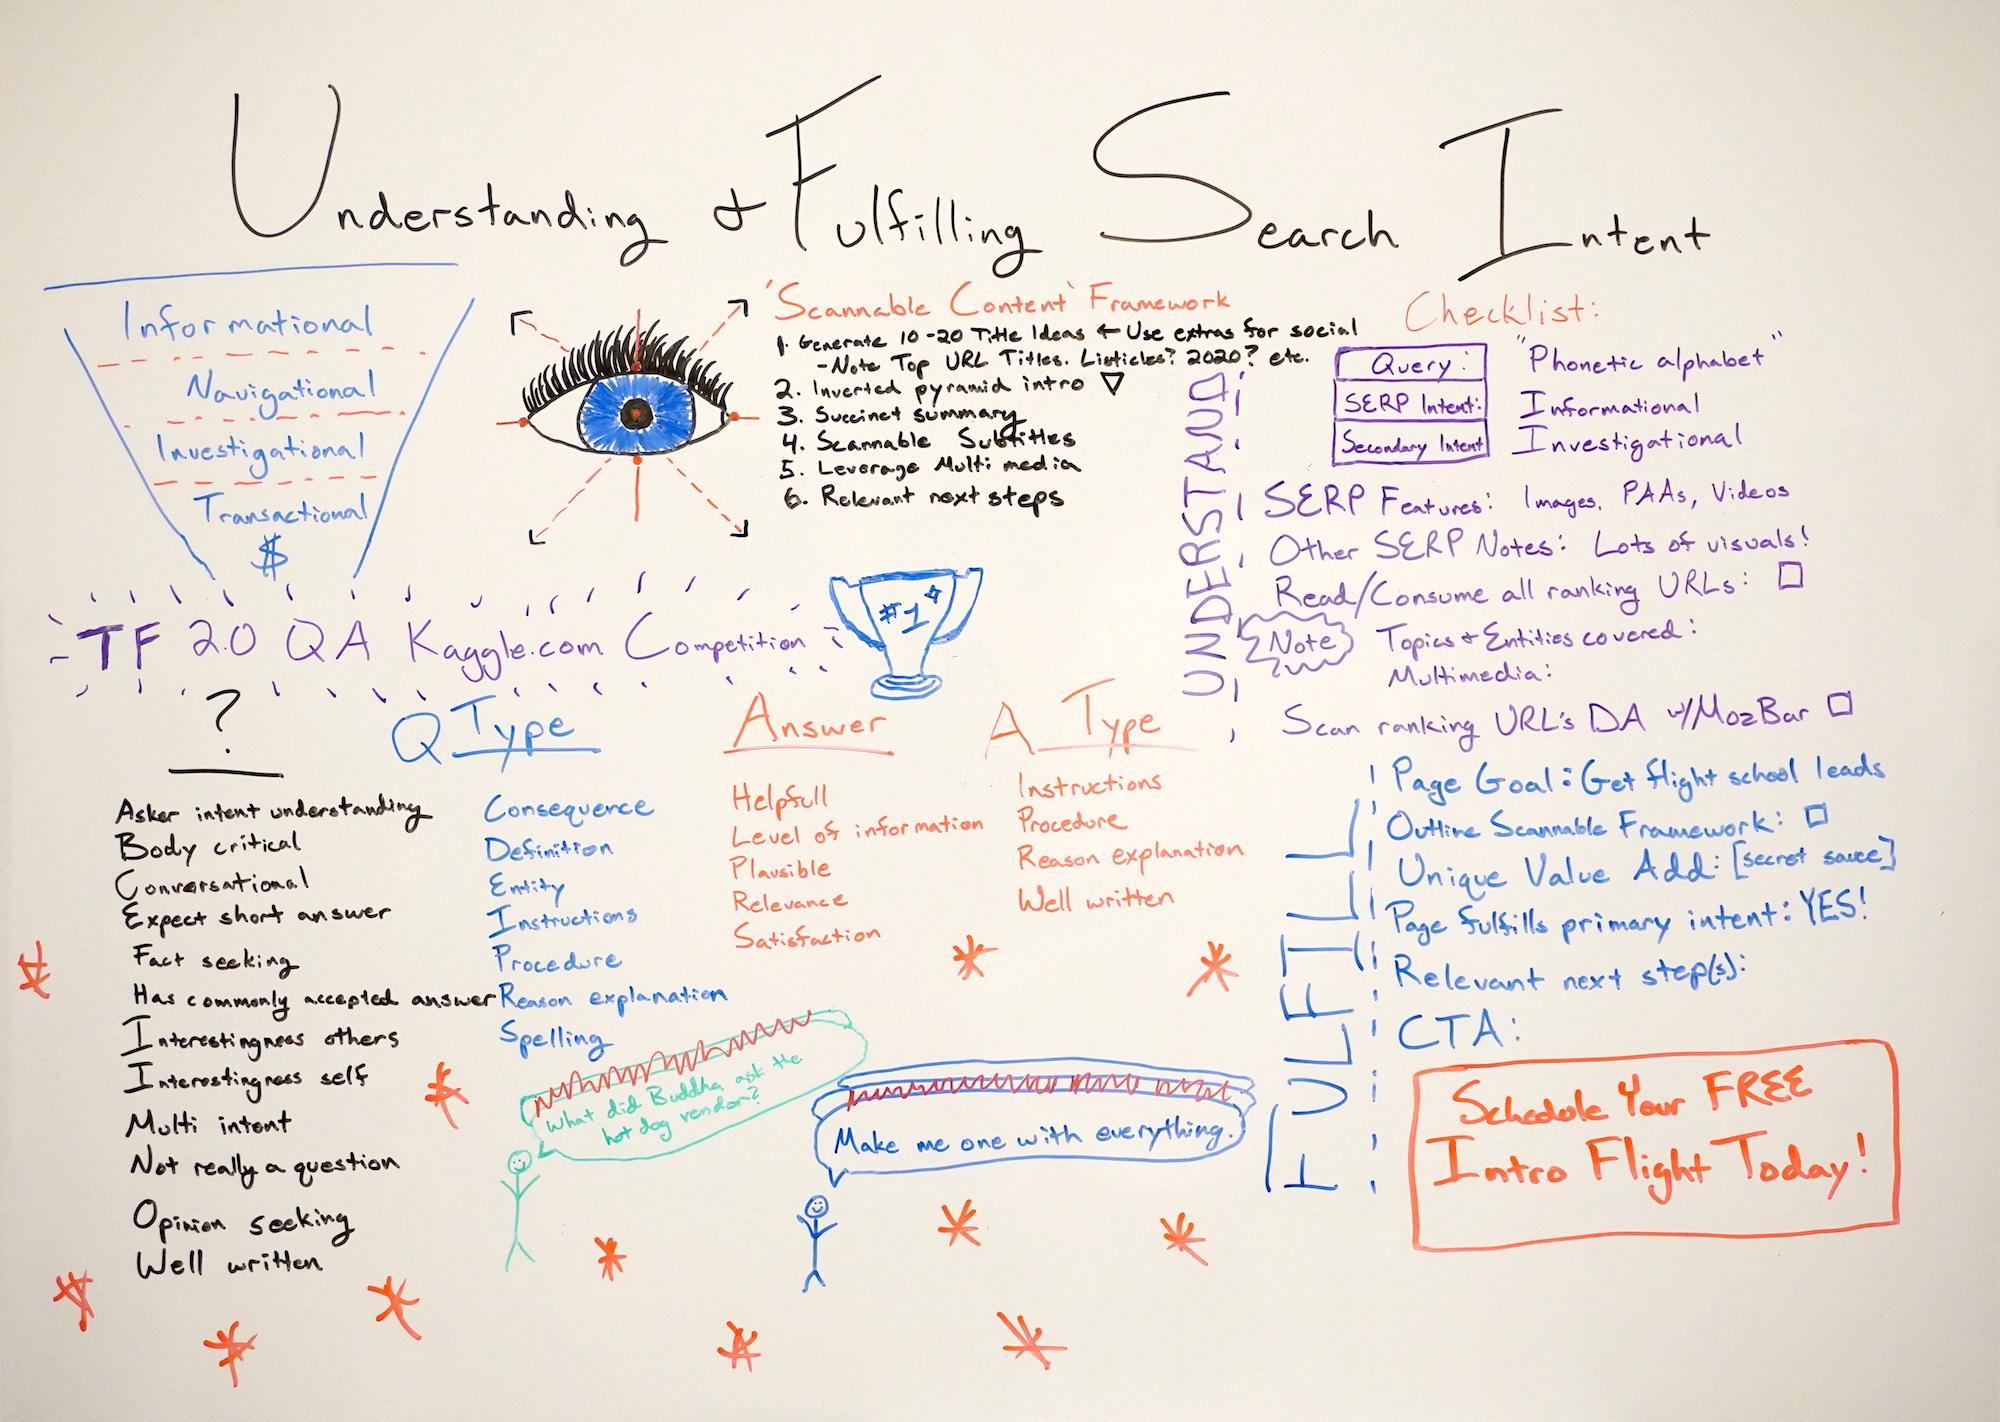 Compreendendo e cumprindo a intenção de pesquisa - Whiteboard Friday 2